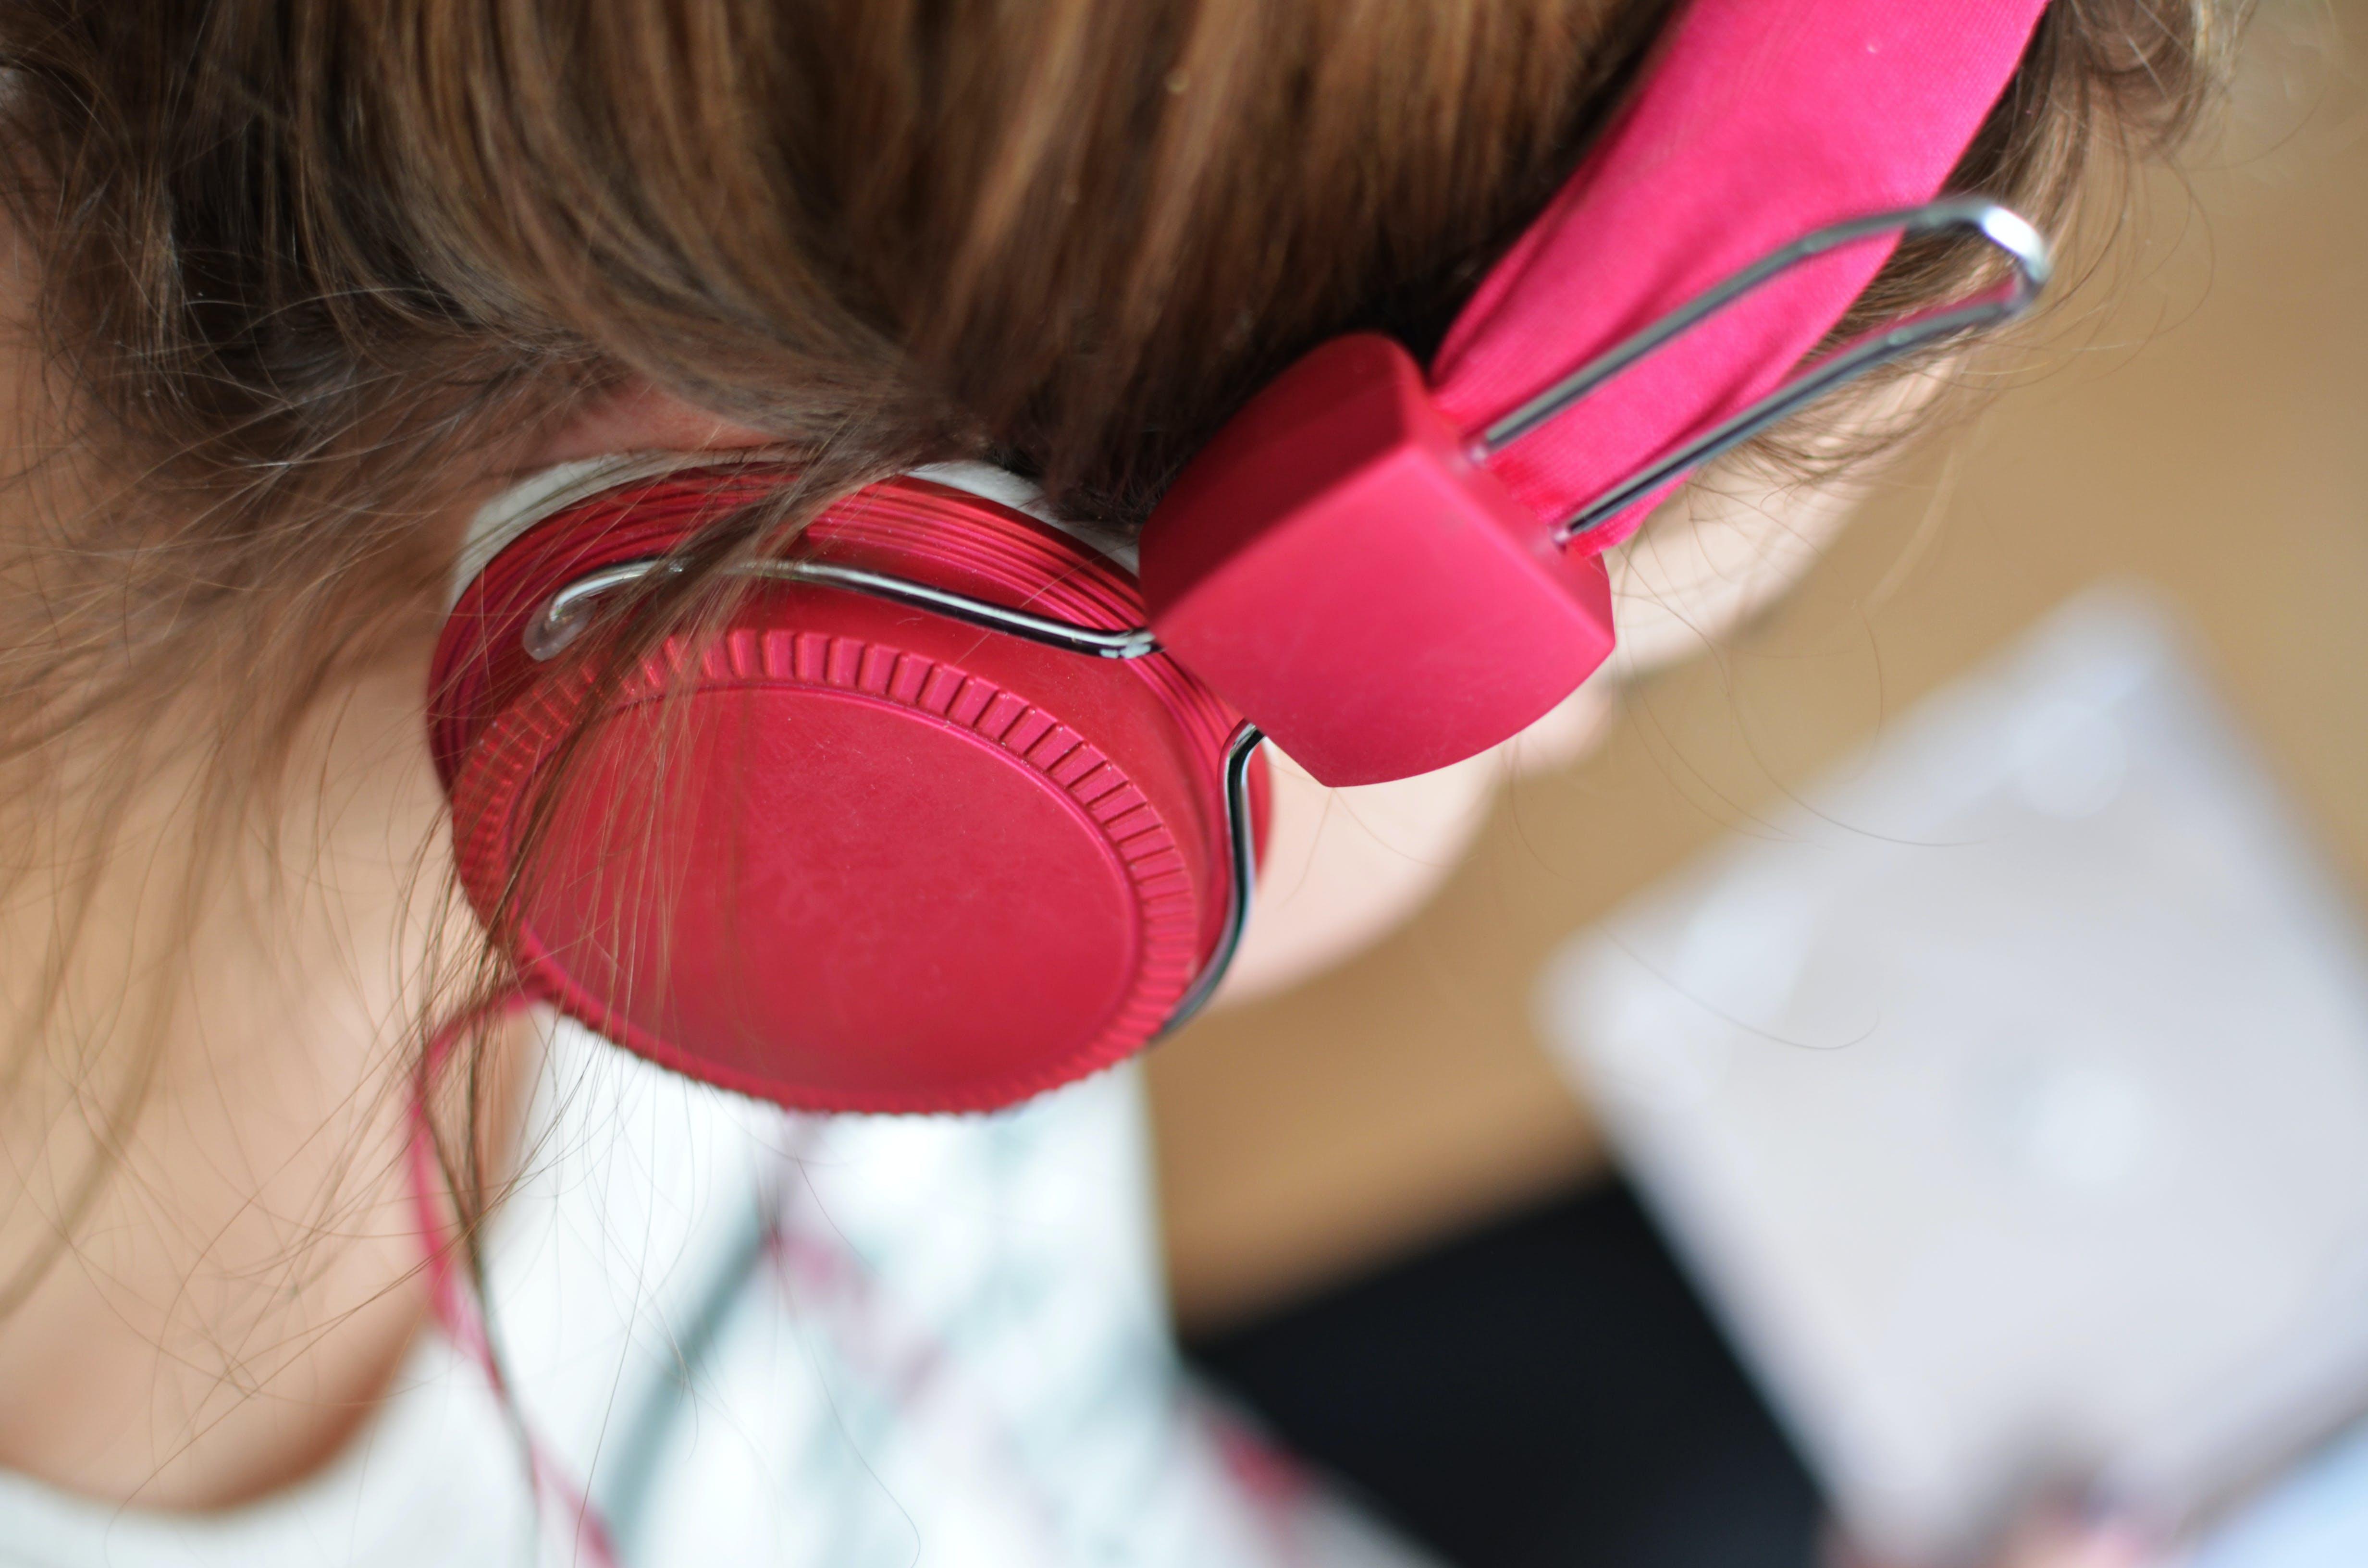 Woman Wearing Pink Headphones